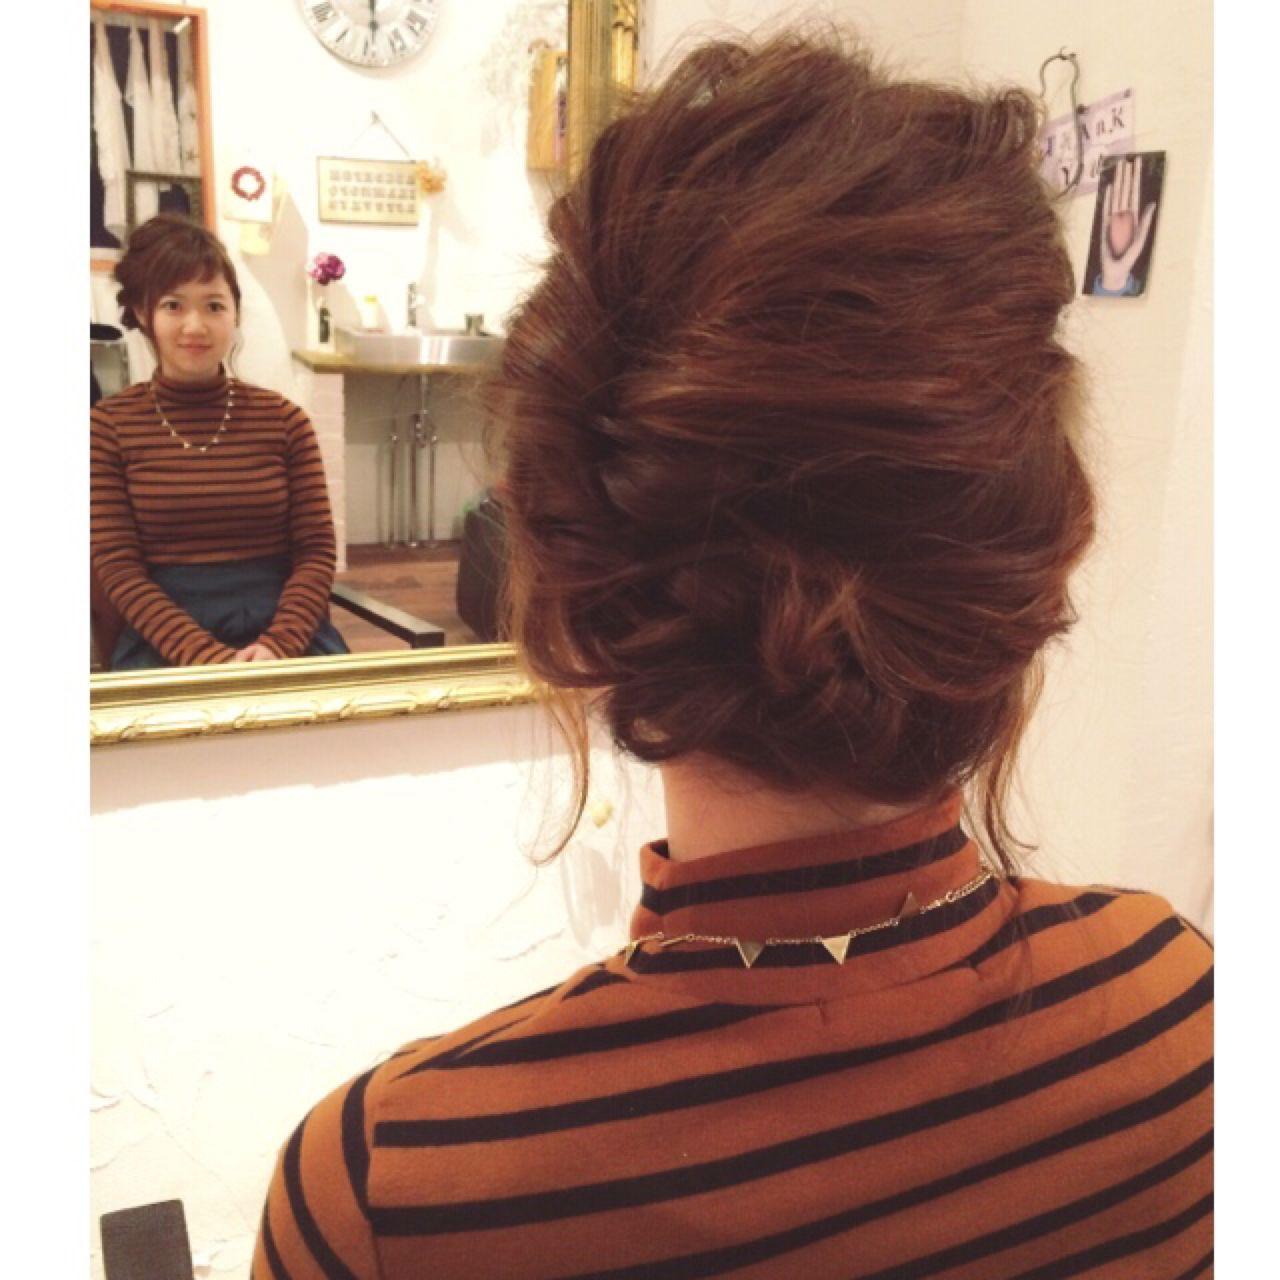 結婚式 大人かわいい ヘアアレンジ 簡単ヘアアレンジ ヘアスタイルや髪型の写真・画像   川内道子 instagram→michiko_k / Noelle インスタ→michiko_k